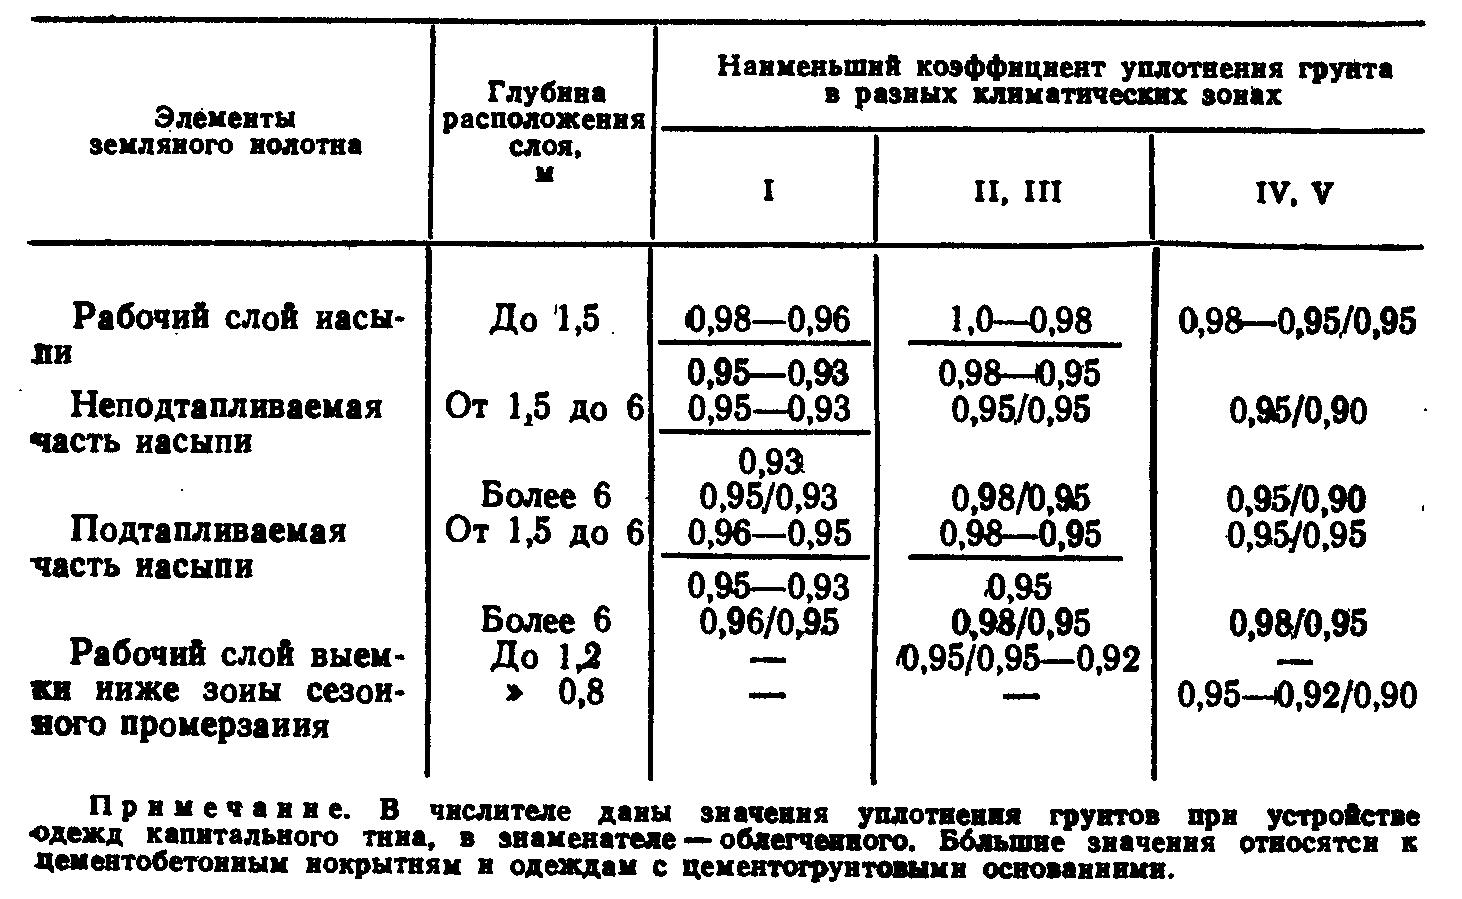 коэффициент запаса на уплотнение грунта